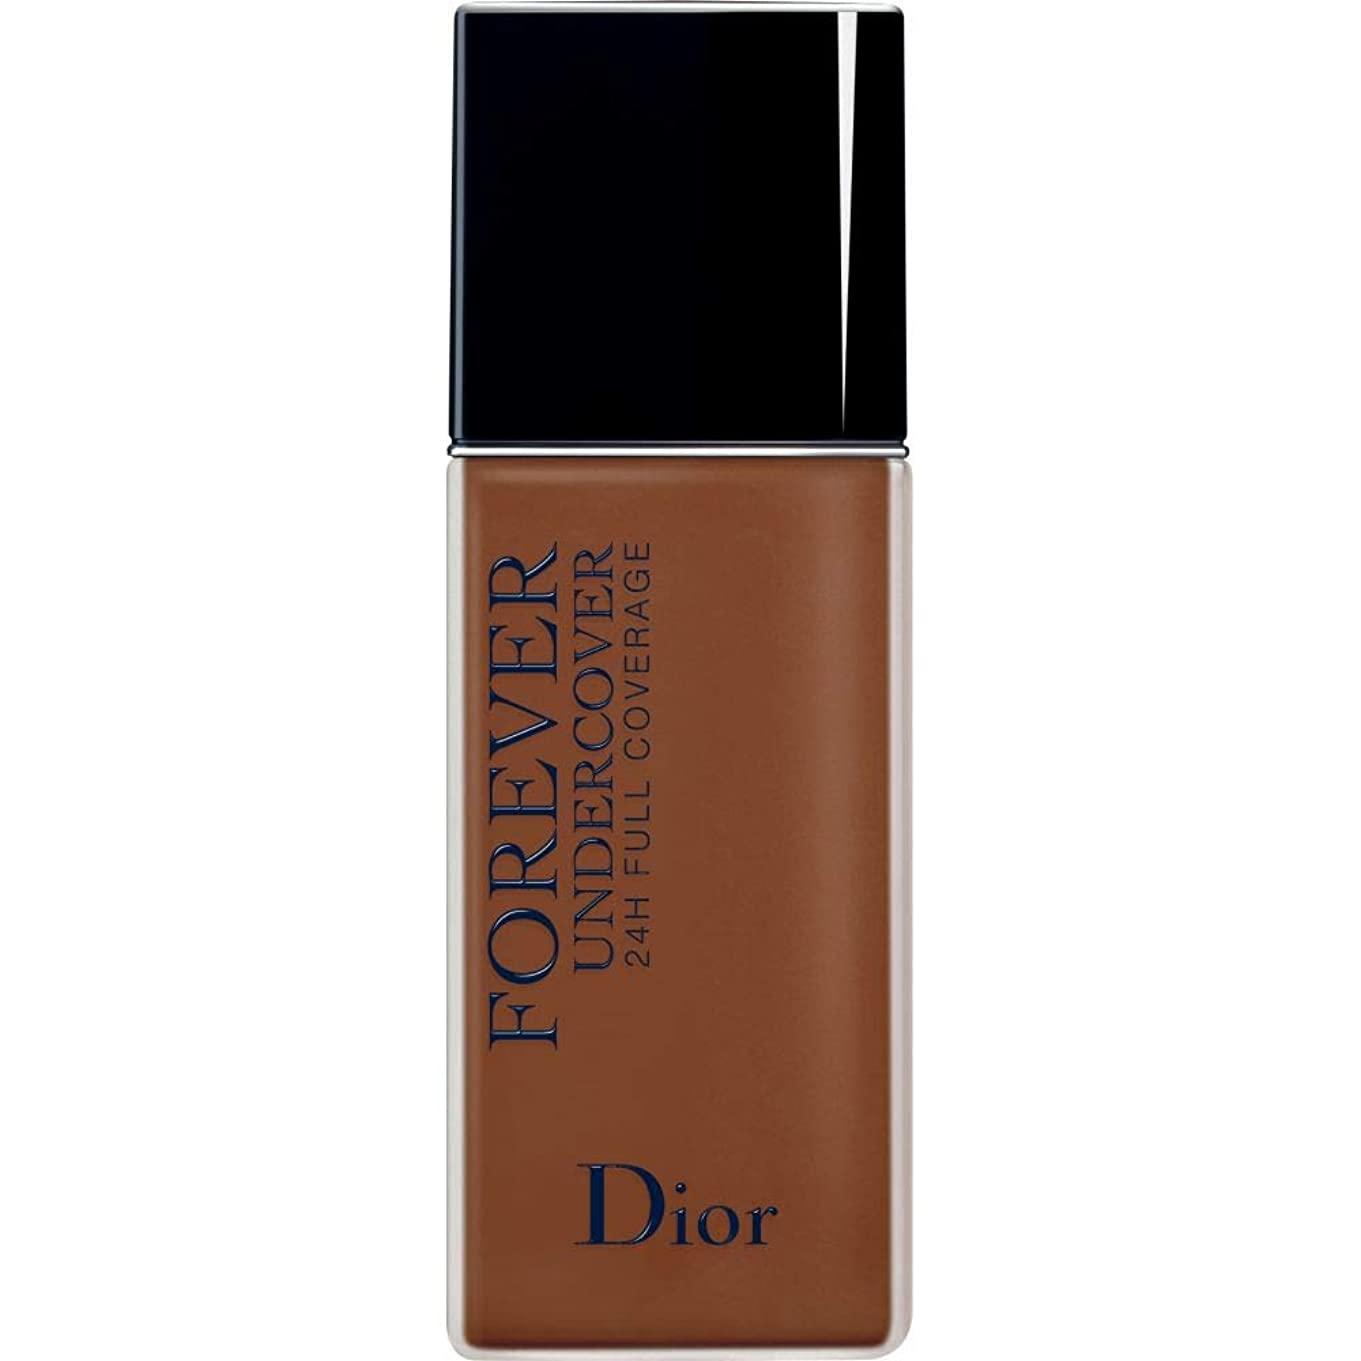 鋸歯状仕事に行く通訳[Dior ] ディオールディオールスキン永遠アンダーカバーフルカバーの基礎40ミリリットル070 - ダークブラウン - DIOR Diorskin Forever Undercover Full Coverage Foundation 40ml 070 - Dark Brown [並行輸入品]